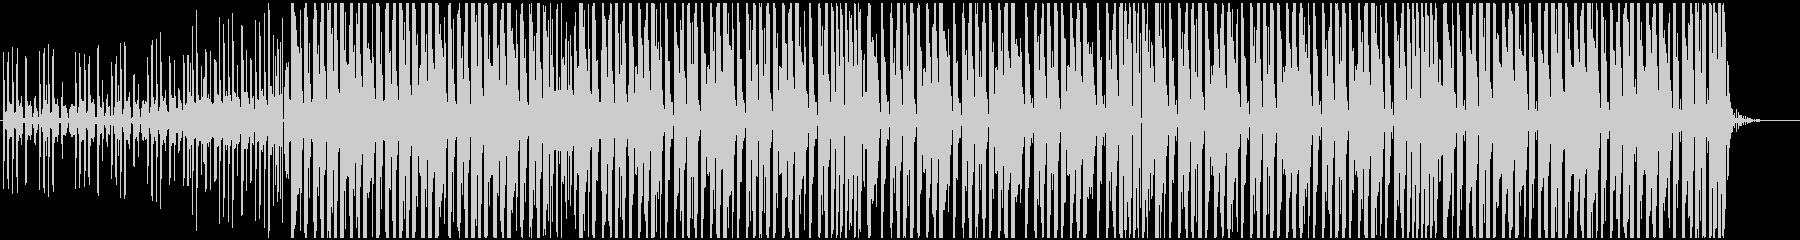 切ない感じのfuture bass系BGの未再生の波形